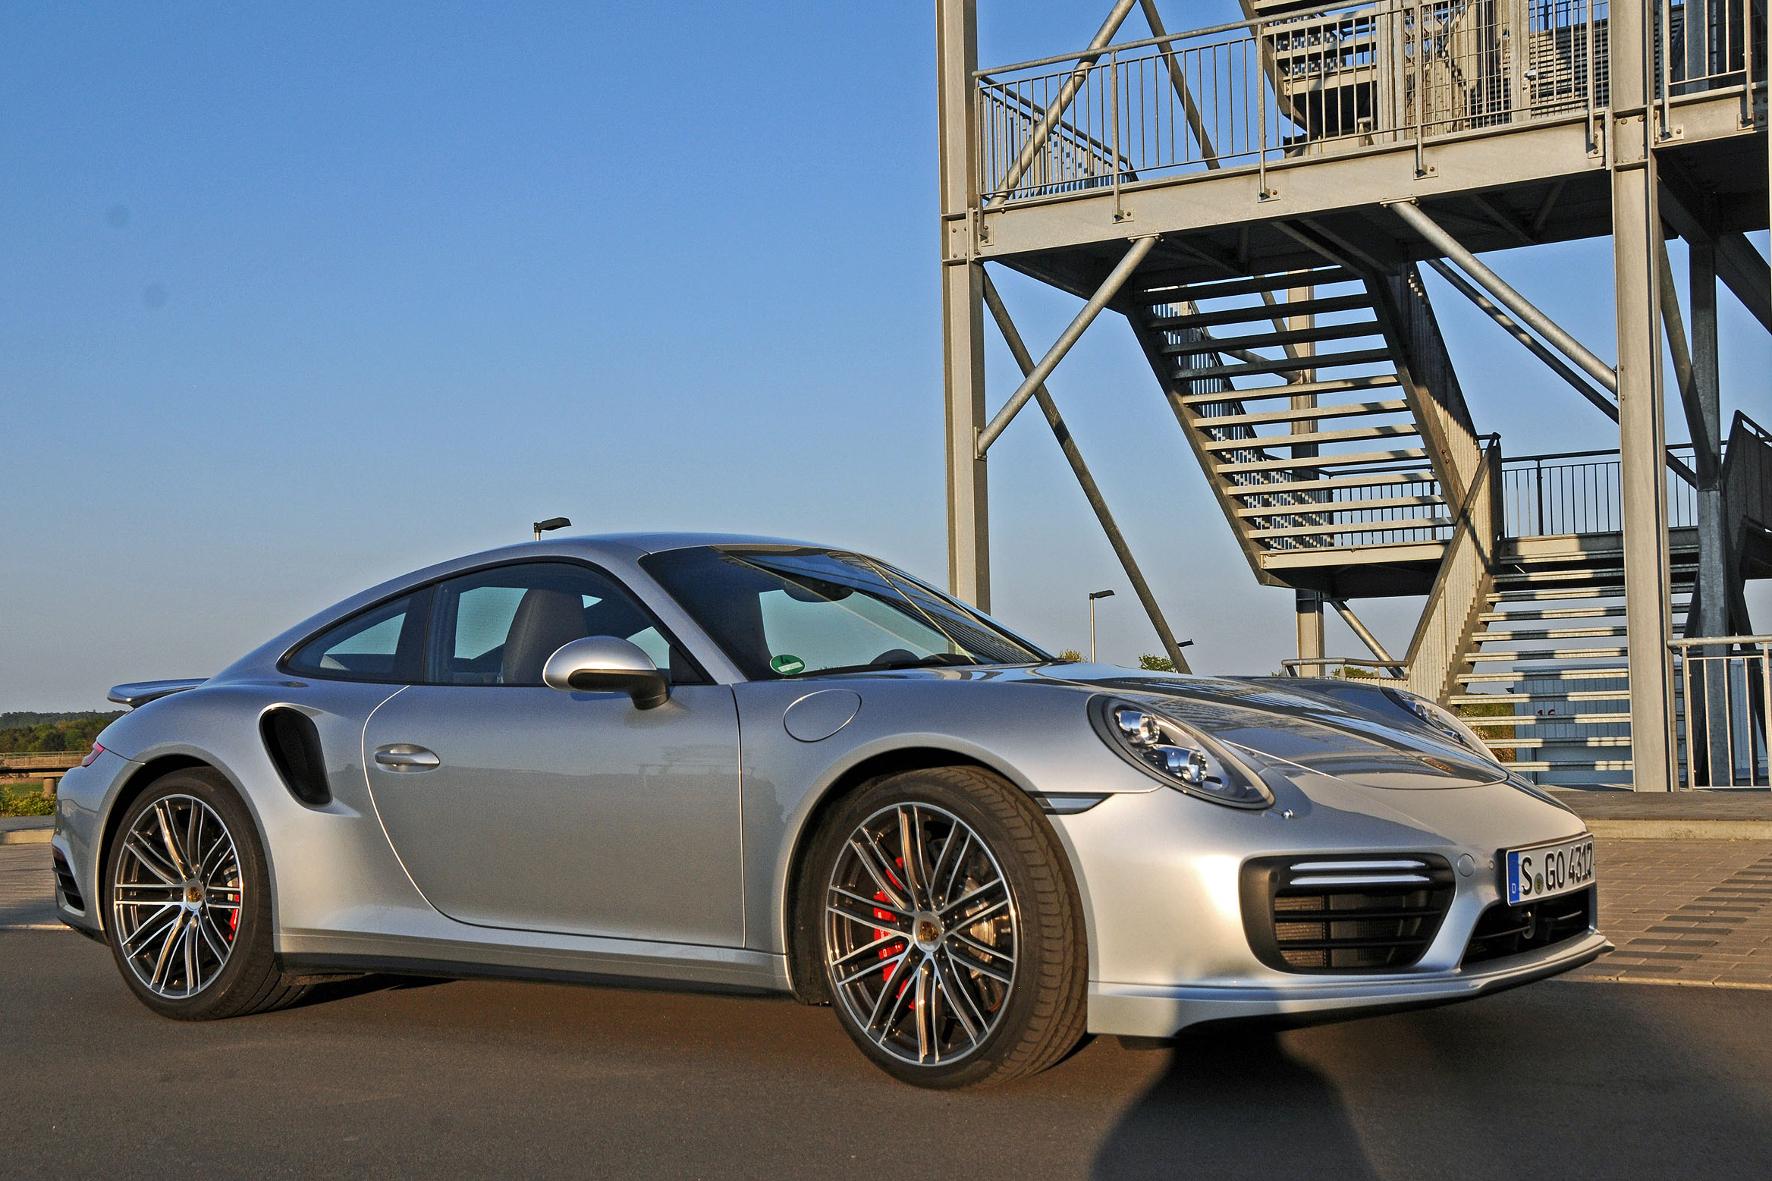 mid Groß-Gerau - Top-Sportler aus Zuffenhausen: Der Porsche 911 Turbo bringt es in der aktuellen Ausführung auf bis zu 580 PS.